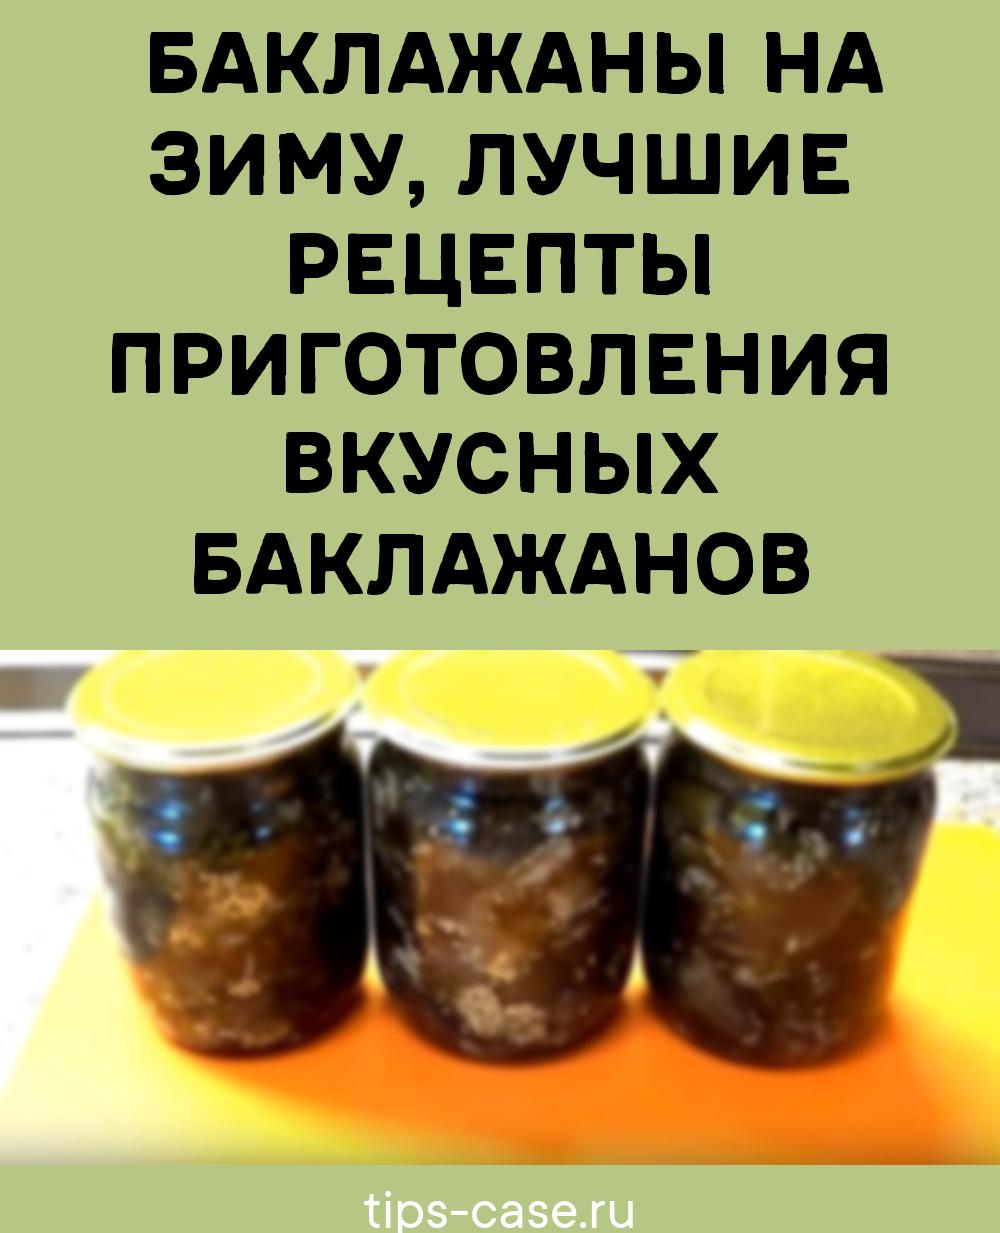 Жареные баклажаны на зиму - оригинальные и новые рецепты вкусной пикантной закуски